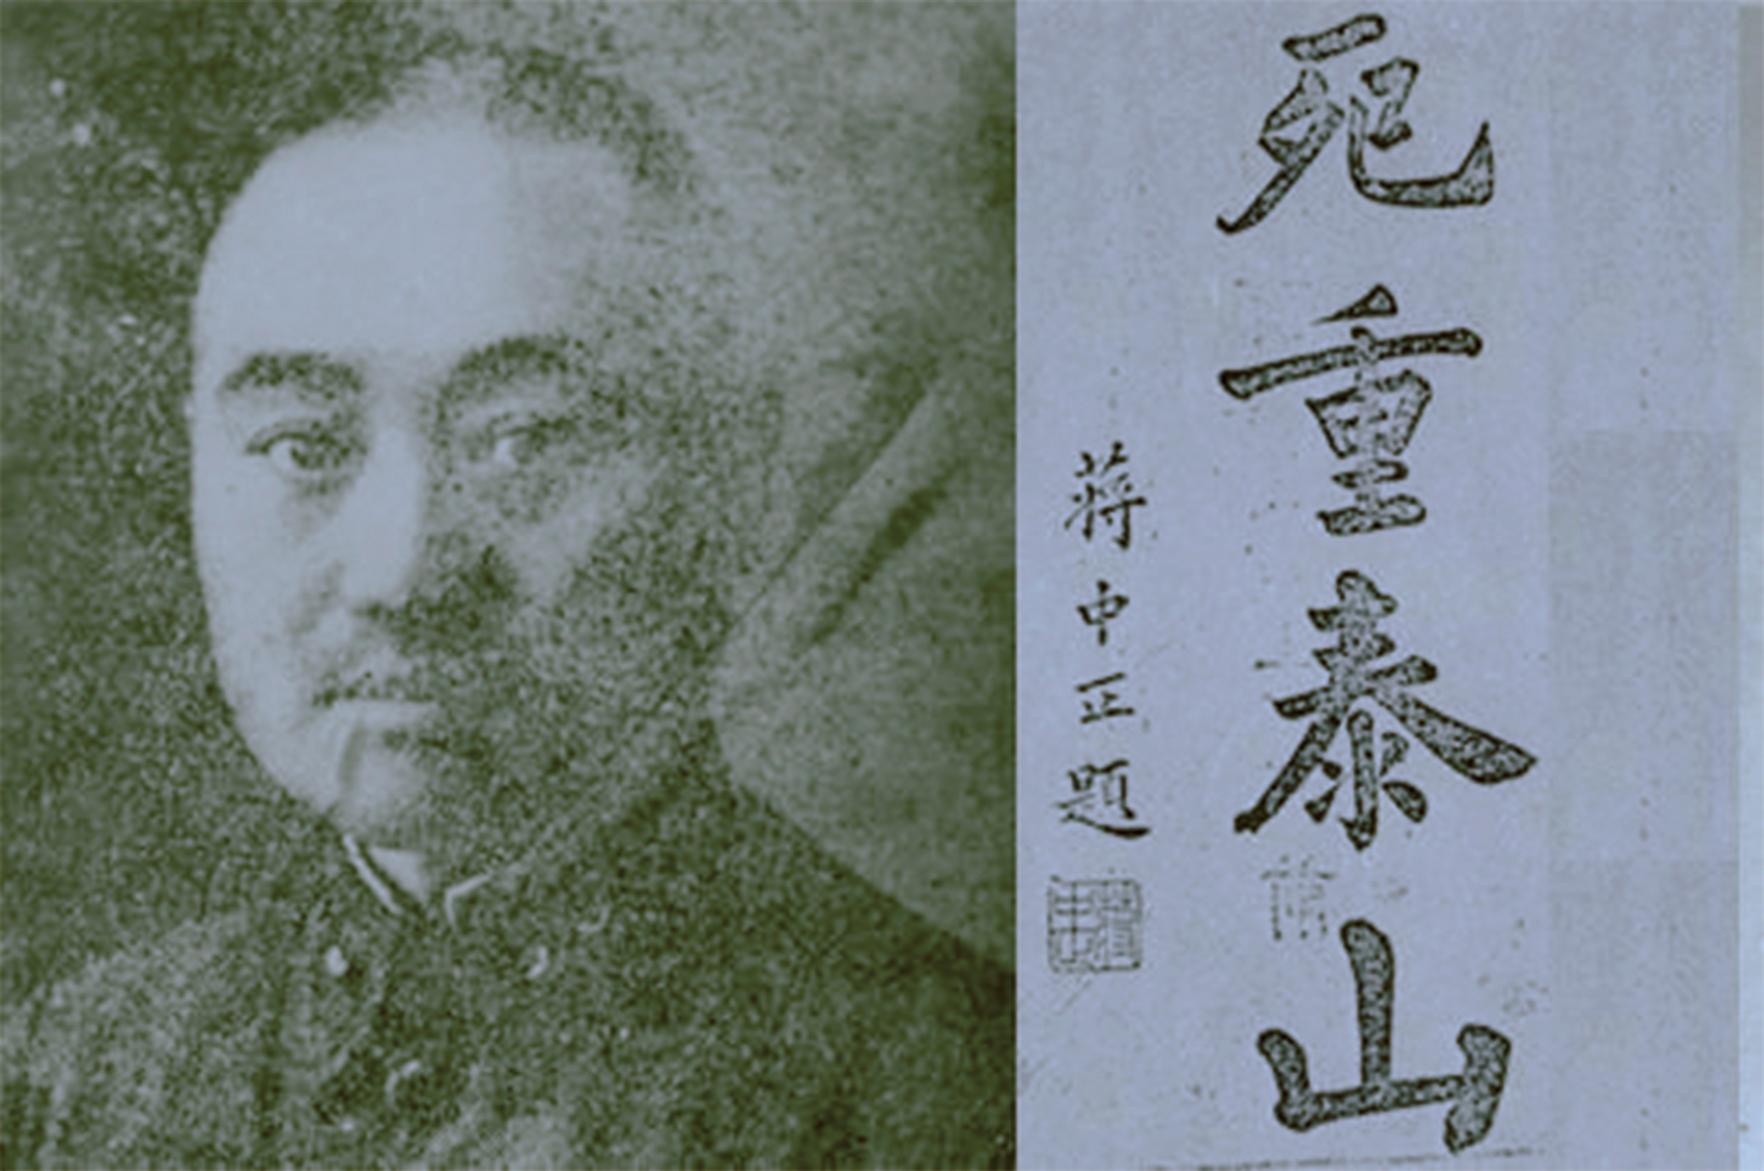 王銘章,四川新都縣太興場人(1893年~1938年3月)(網絡圖片)。